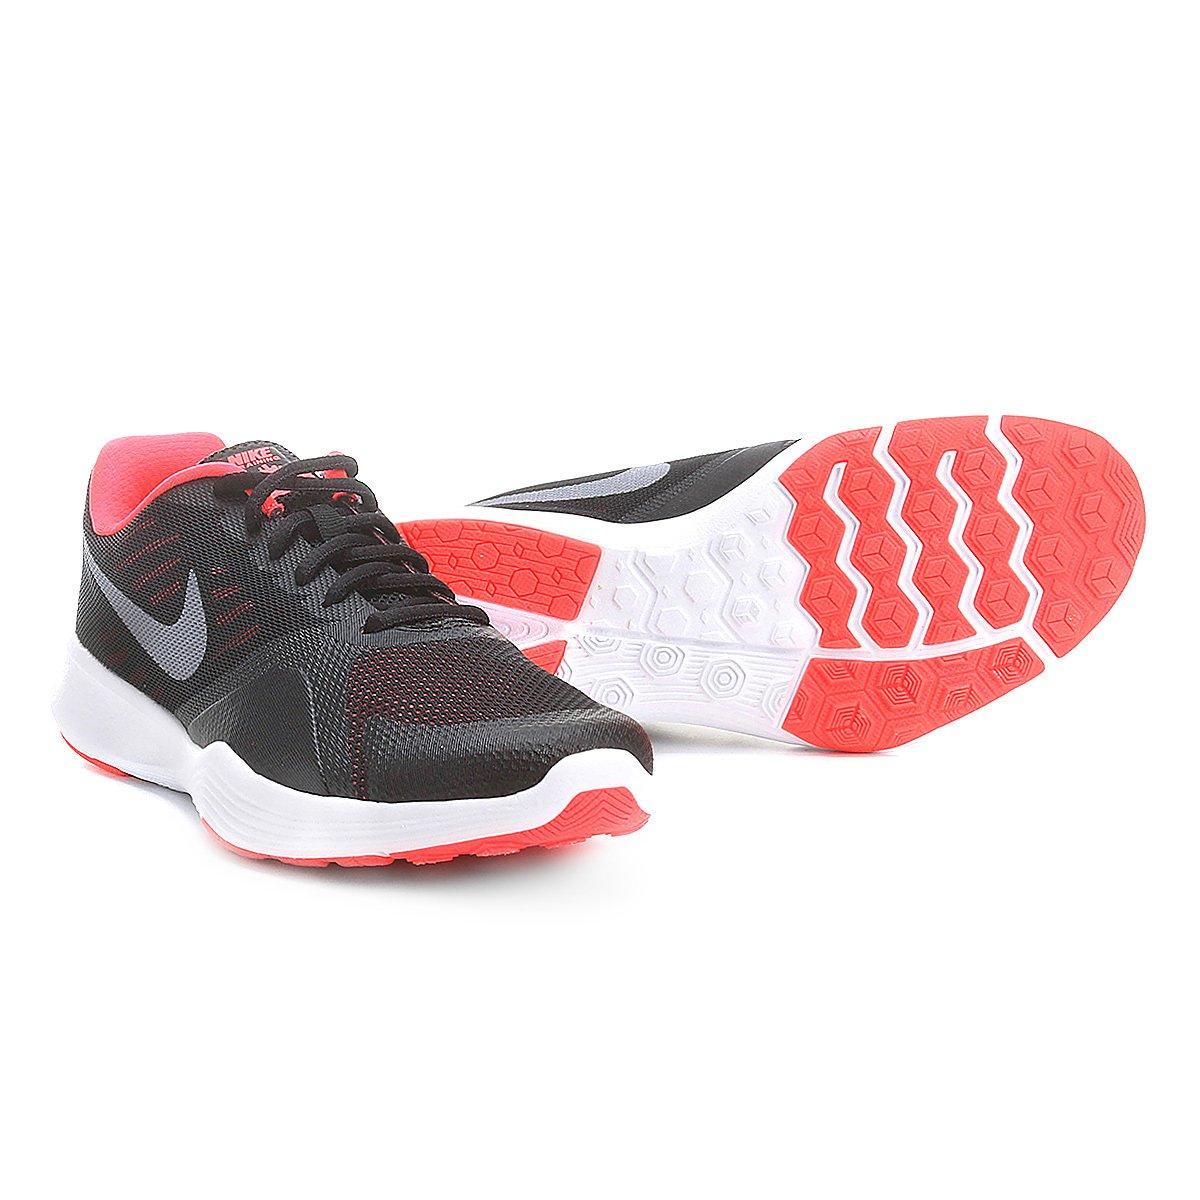 Tênis Nike City Trainer Feminino - Compre Agora  3e80132e95b42